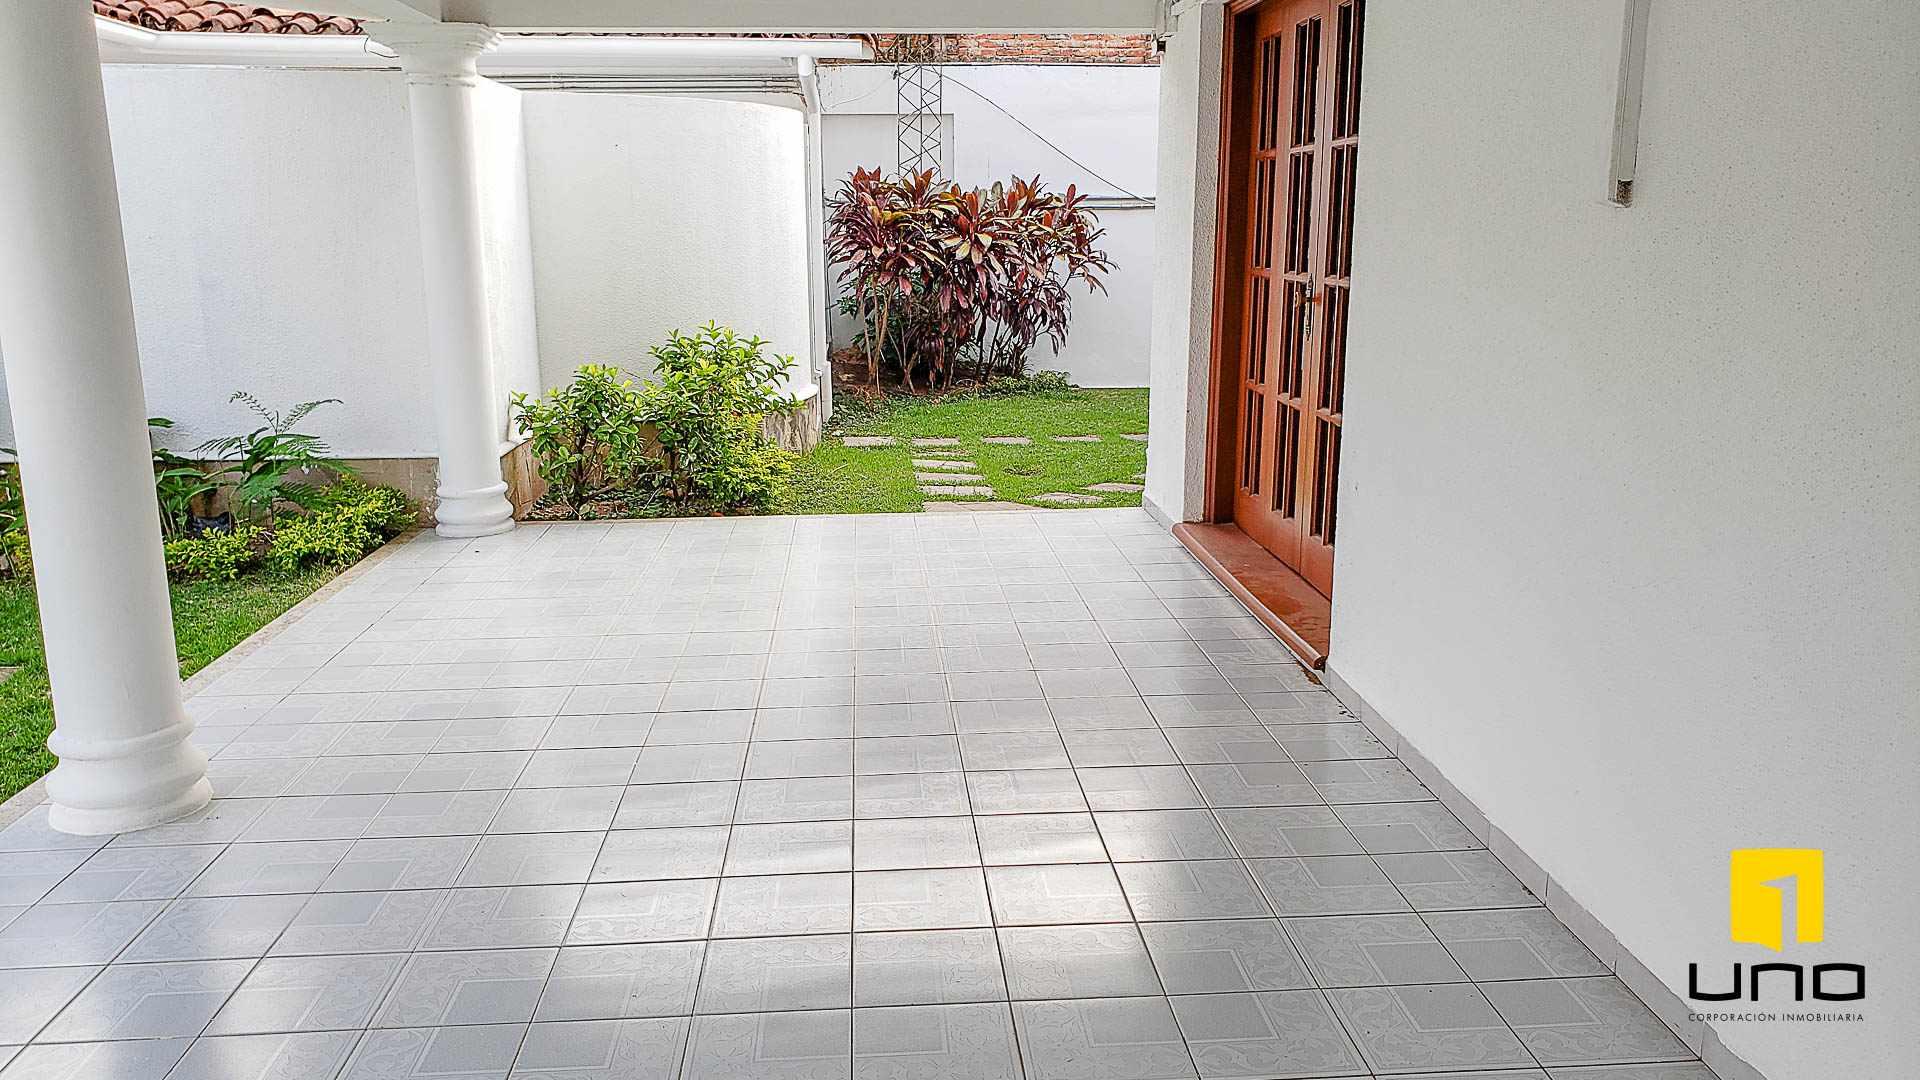 Casa en Alquiler BARRIO EQUIPETROL ALQUILO AMPLIA CASA PARA OFICINAS Foto 11